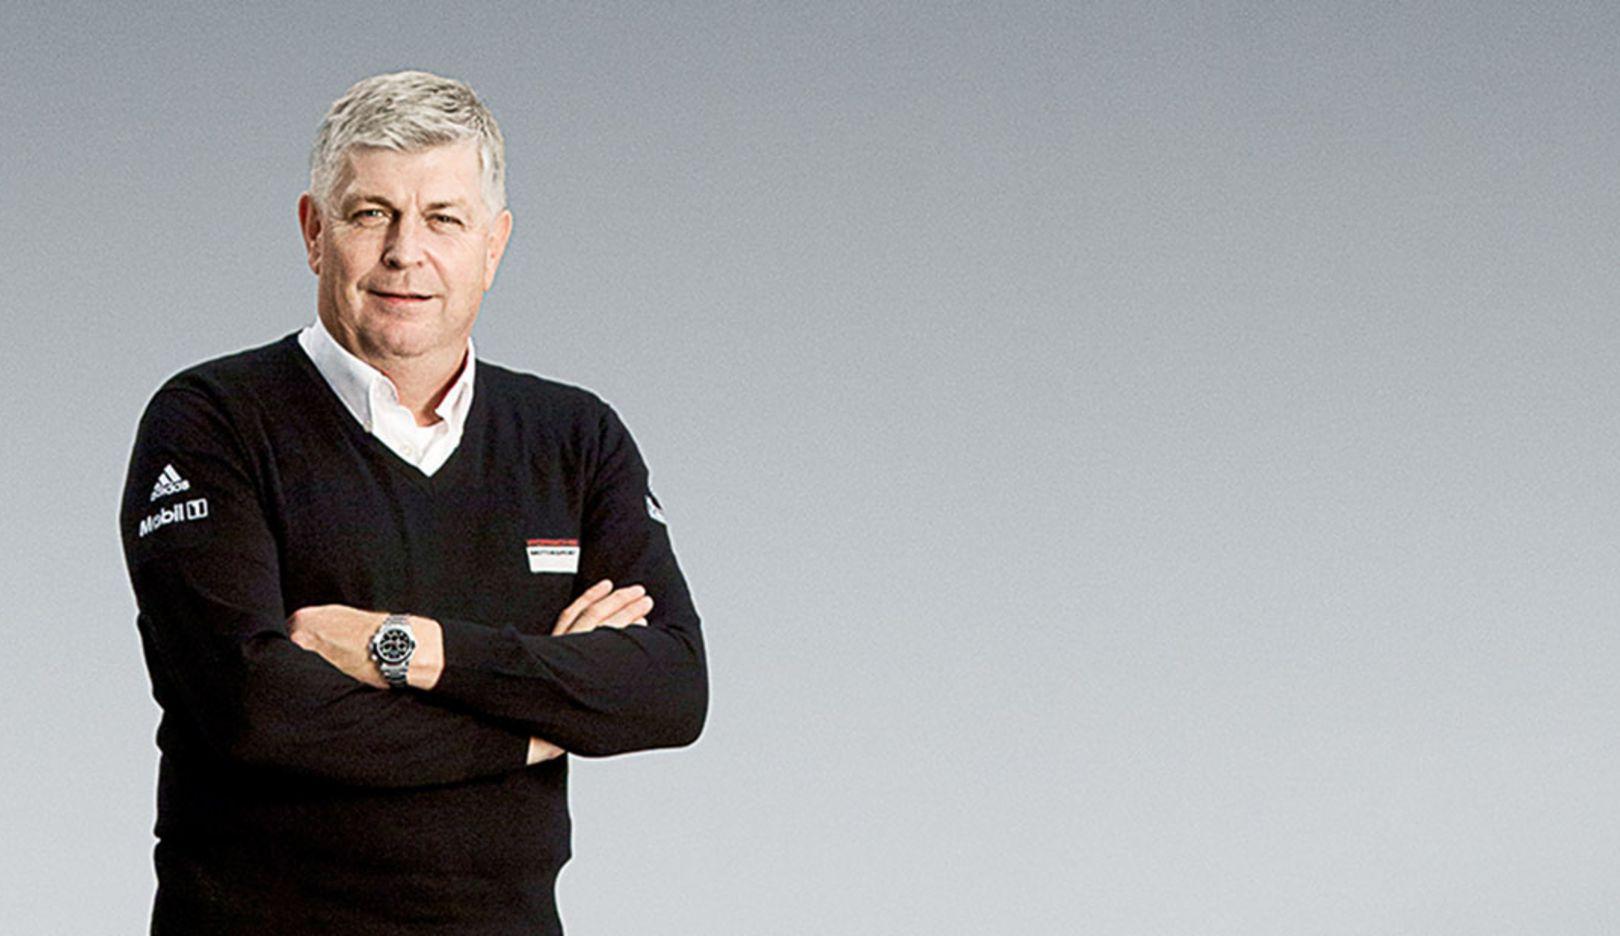 Wolfgang Hatz, Vorstand Forschung und Entwicklung, Porsche AG